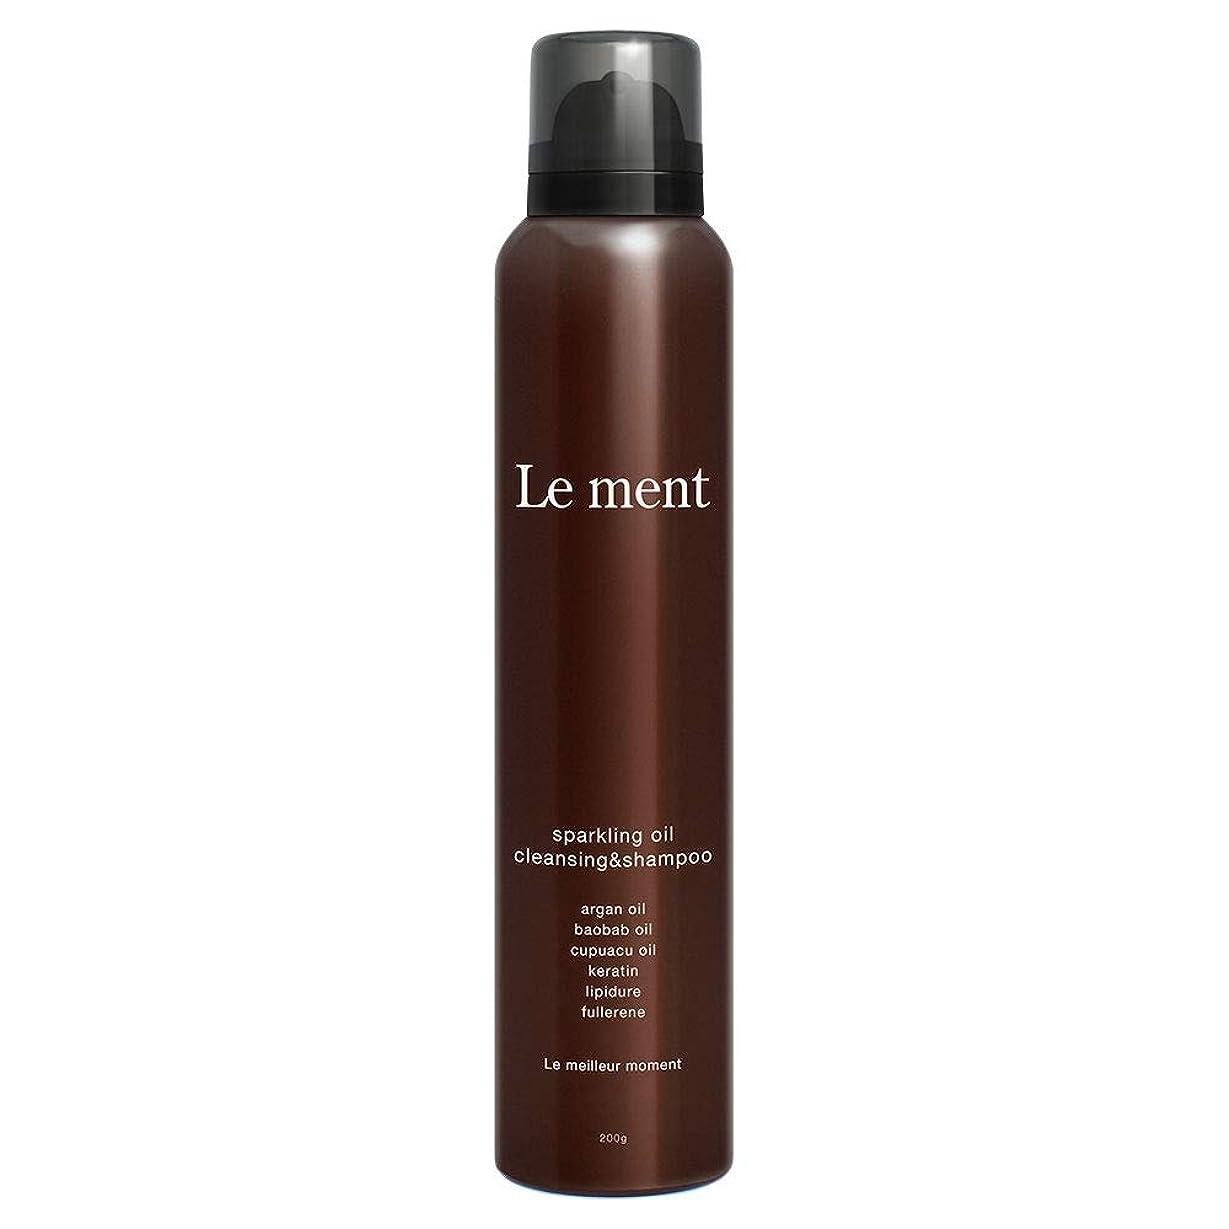 旅客天国私Le ment -sparkling oil cleansing & shampoo -